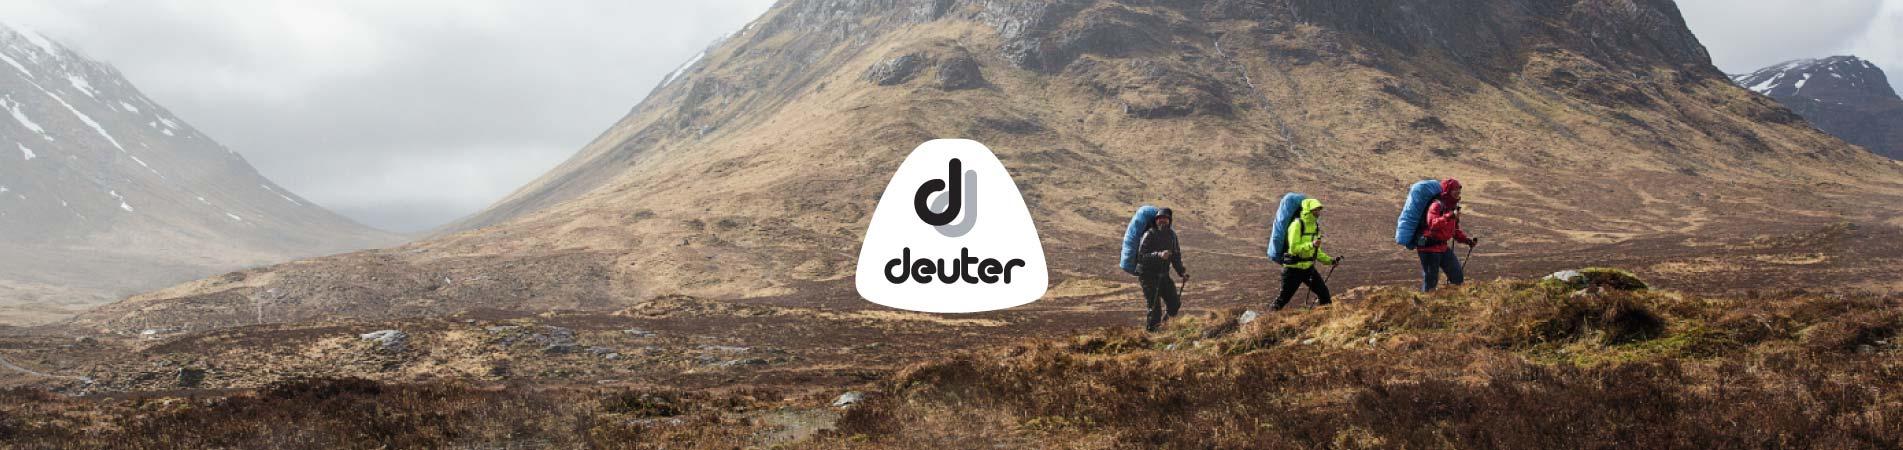 deuter-brand-banner-v1r2.jpg